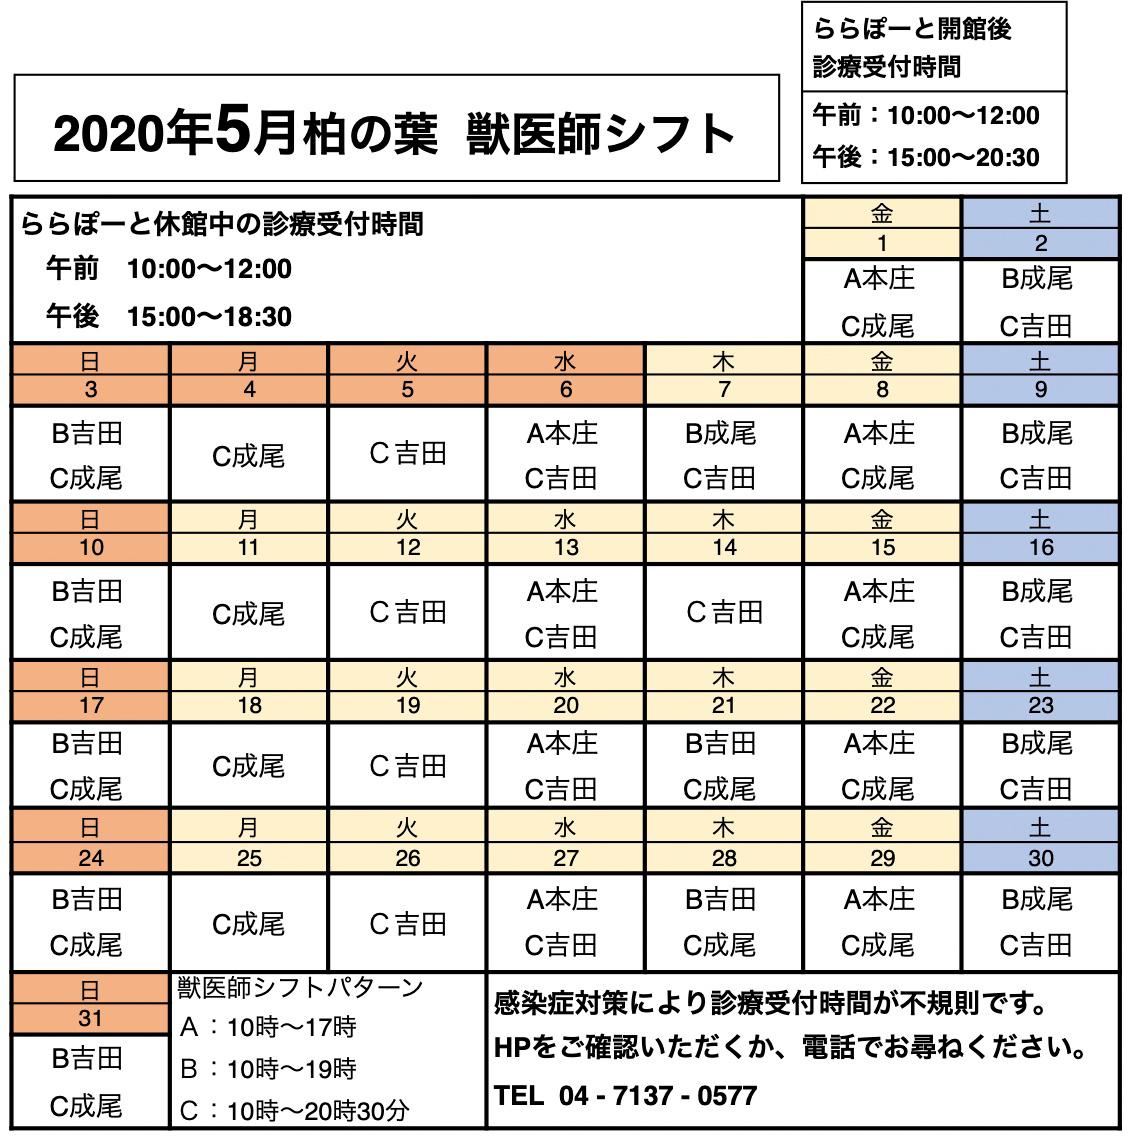 診療時間2020年5月